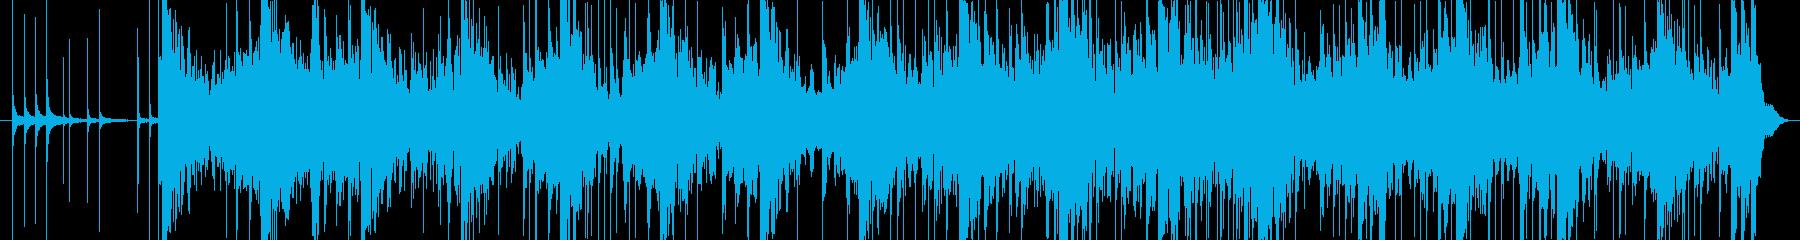 三味線と和太鼓等のリズムアンサンブル。の再生済みの波形